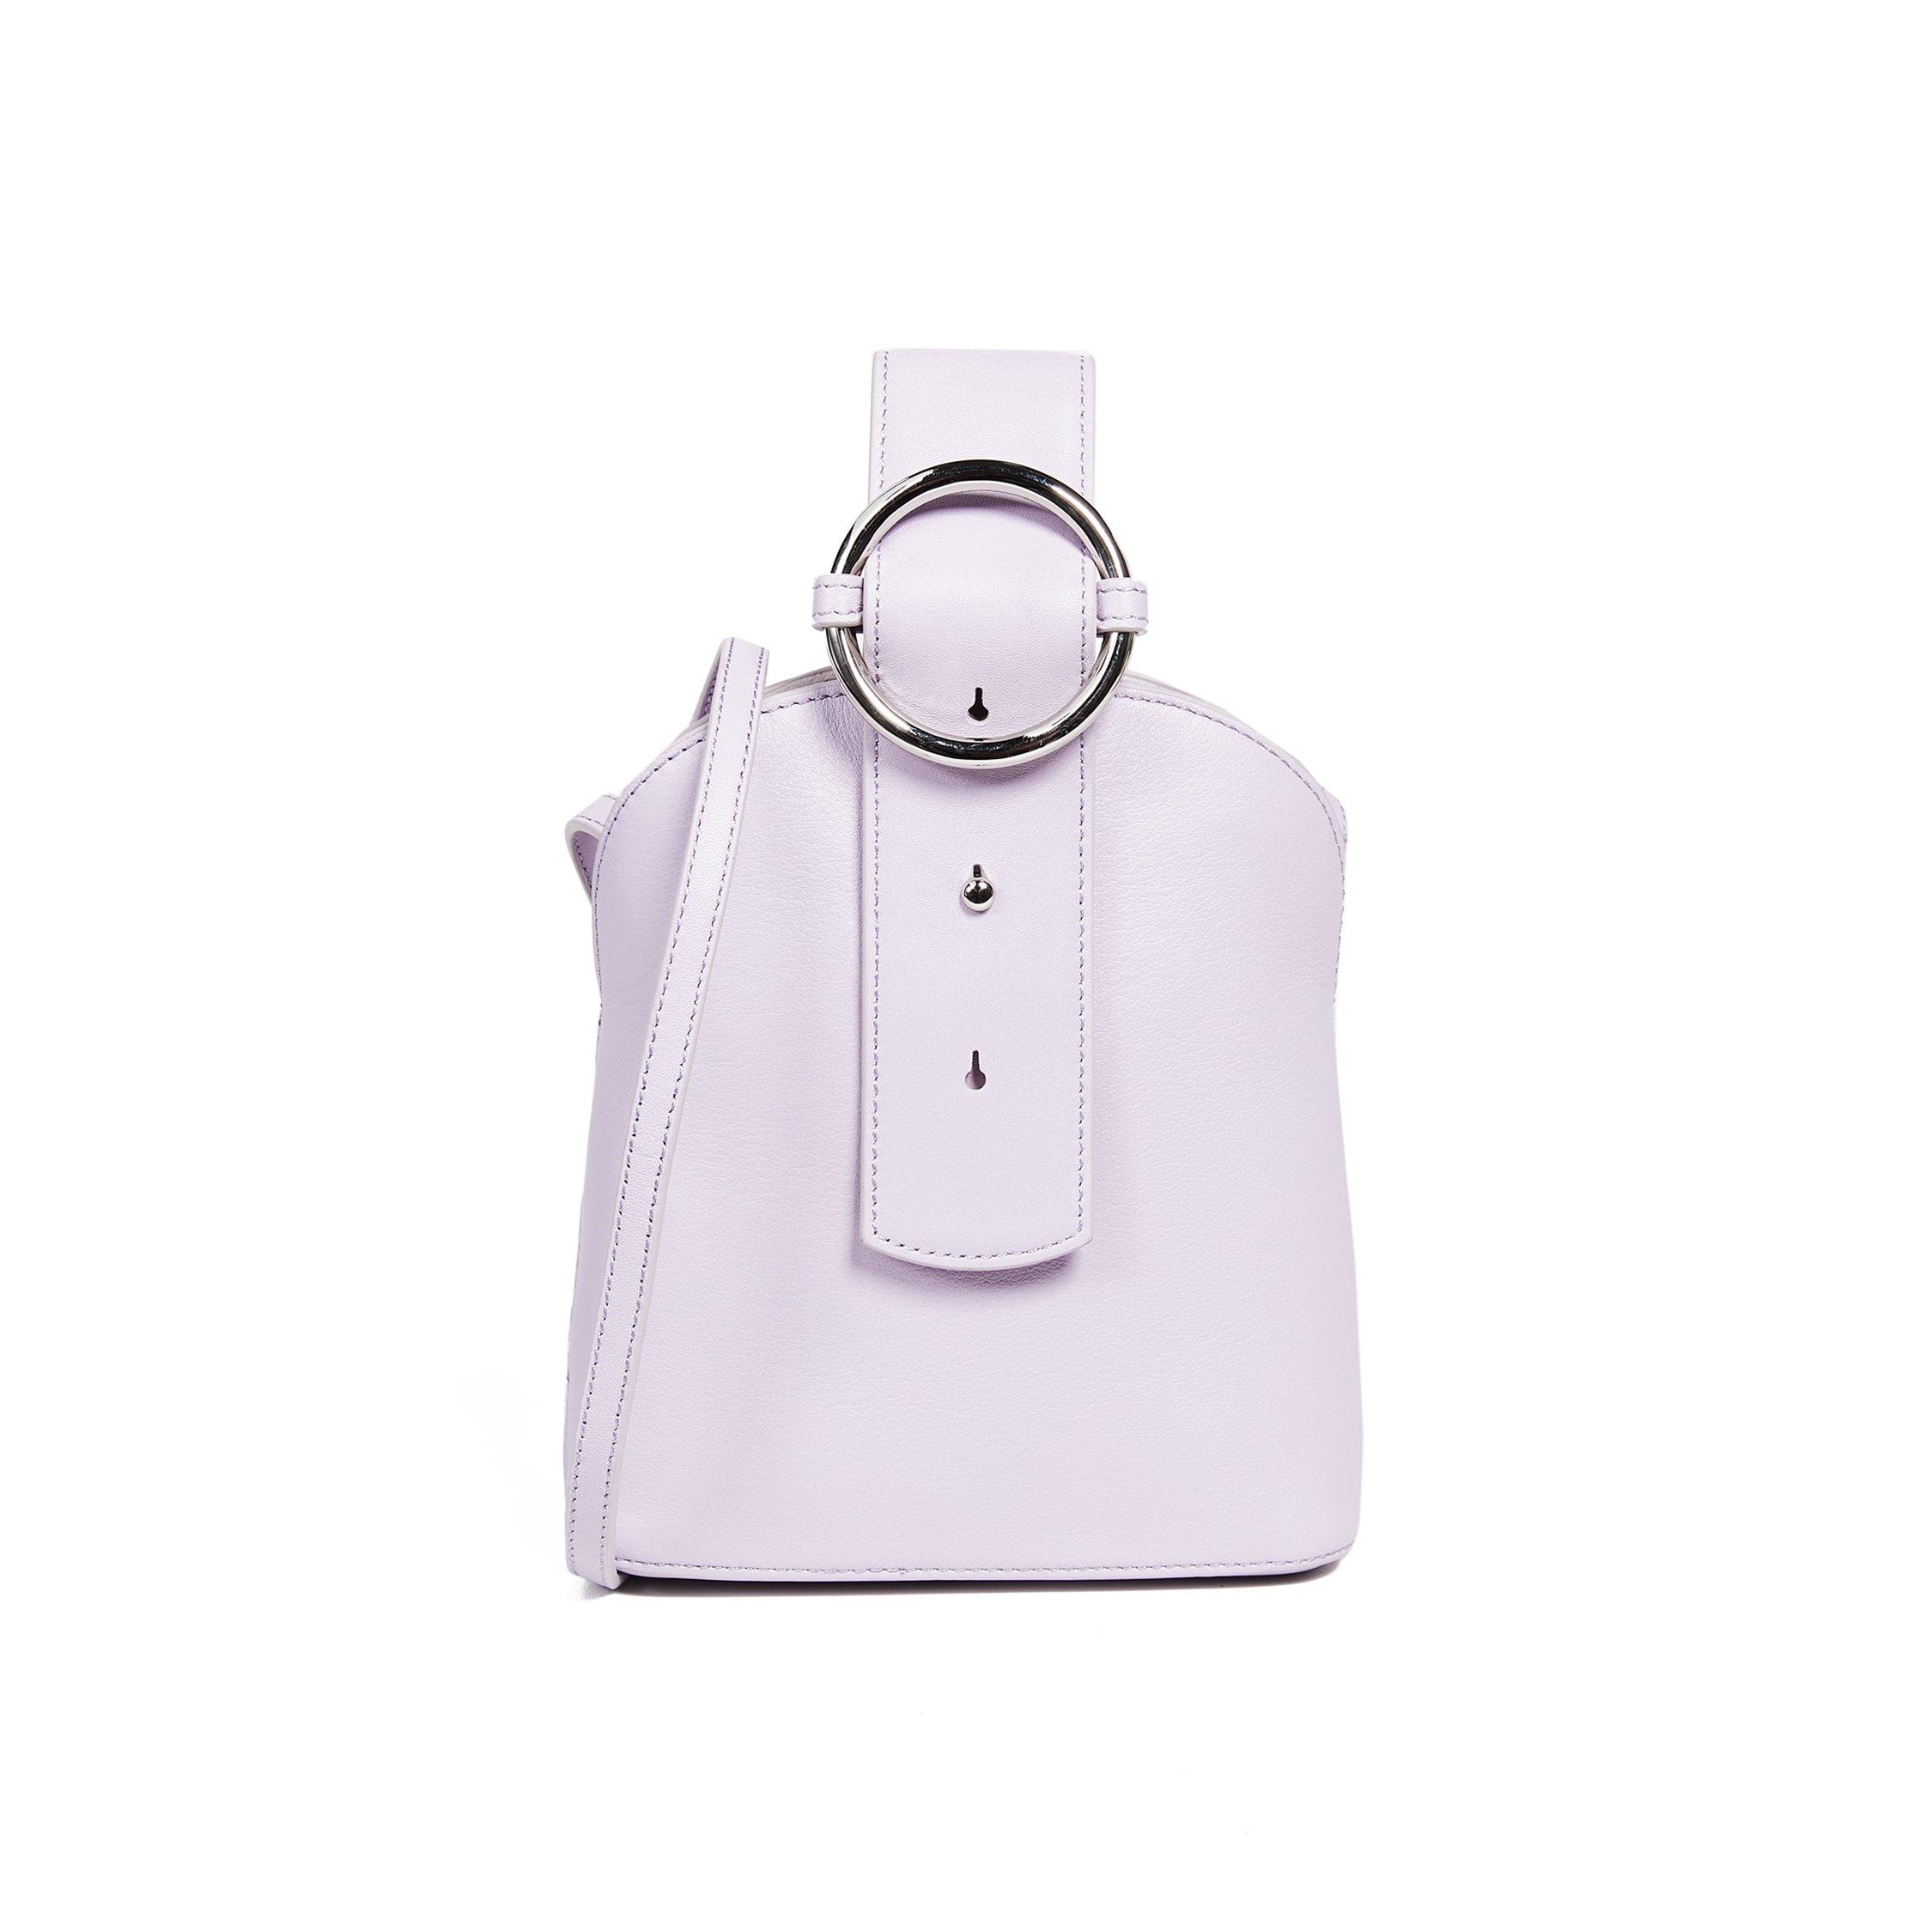 Handbag Trends For Winter 2019 a7720e3d9f280